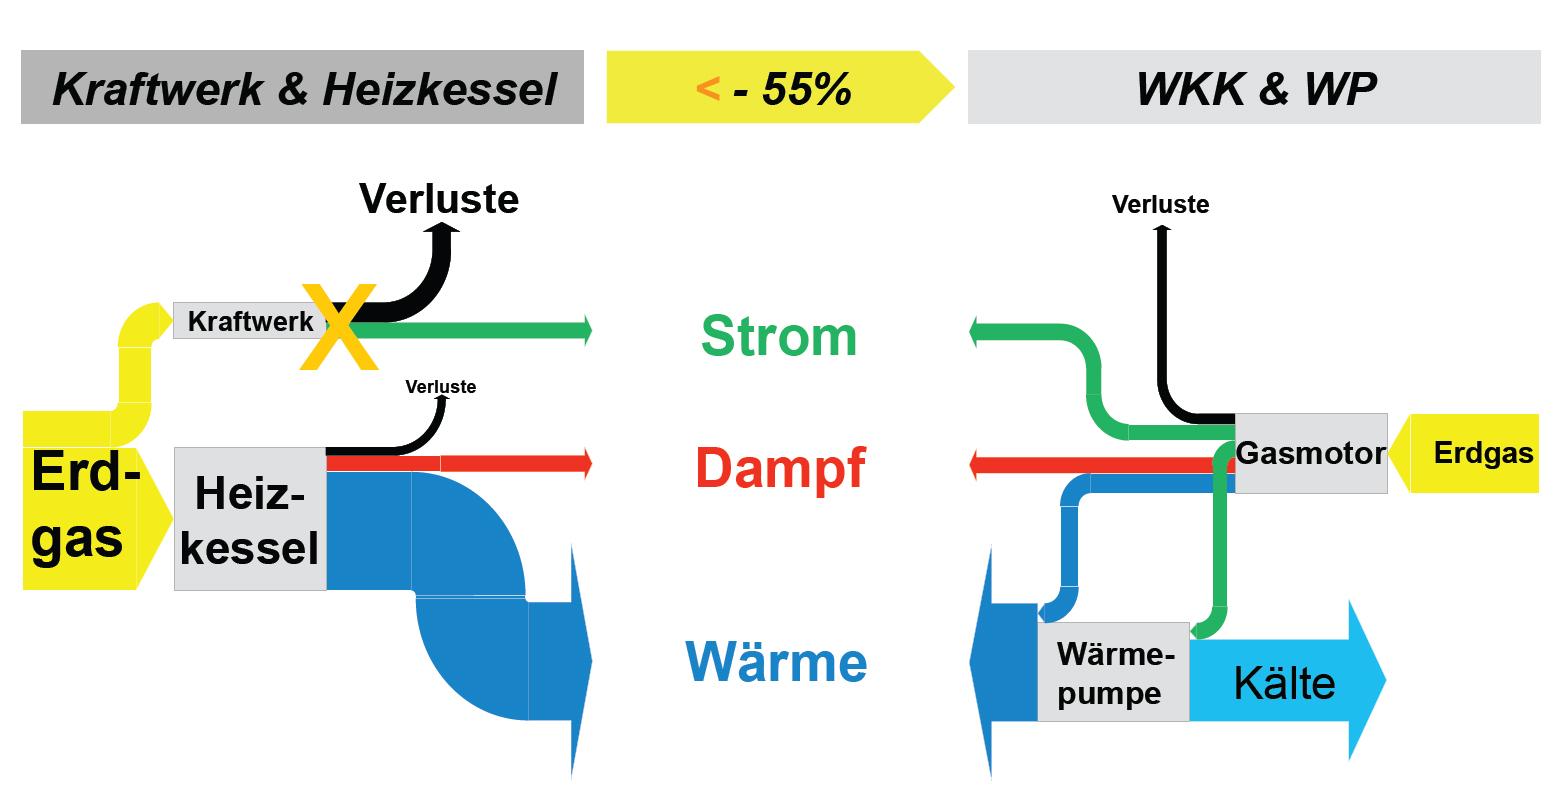 Dank dem Gasmotor und zusätzlicher Wärmeerzeugung mit Kältemaschinen konnte eine deutliche Reduktion der CO2-Emissionen verwirklicht werden. Bild: Roche